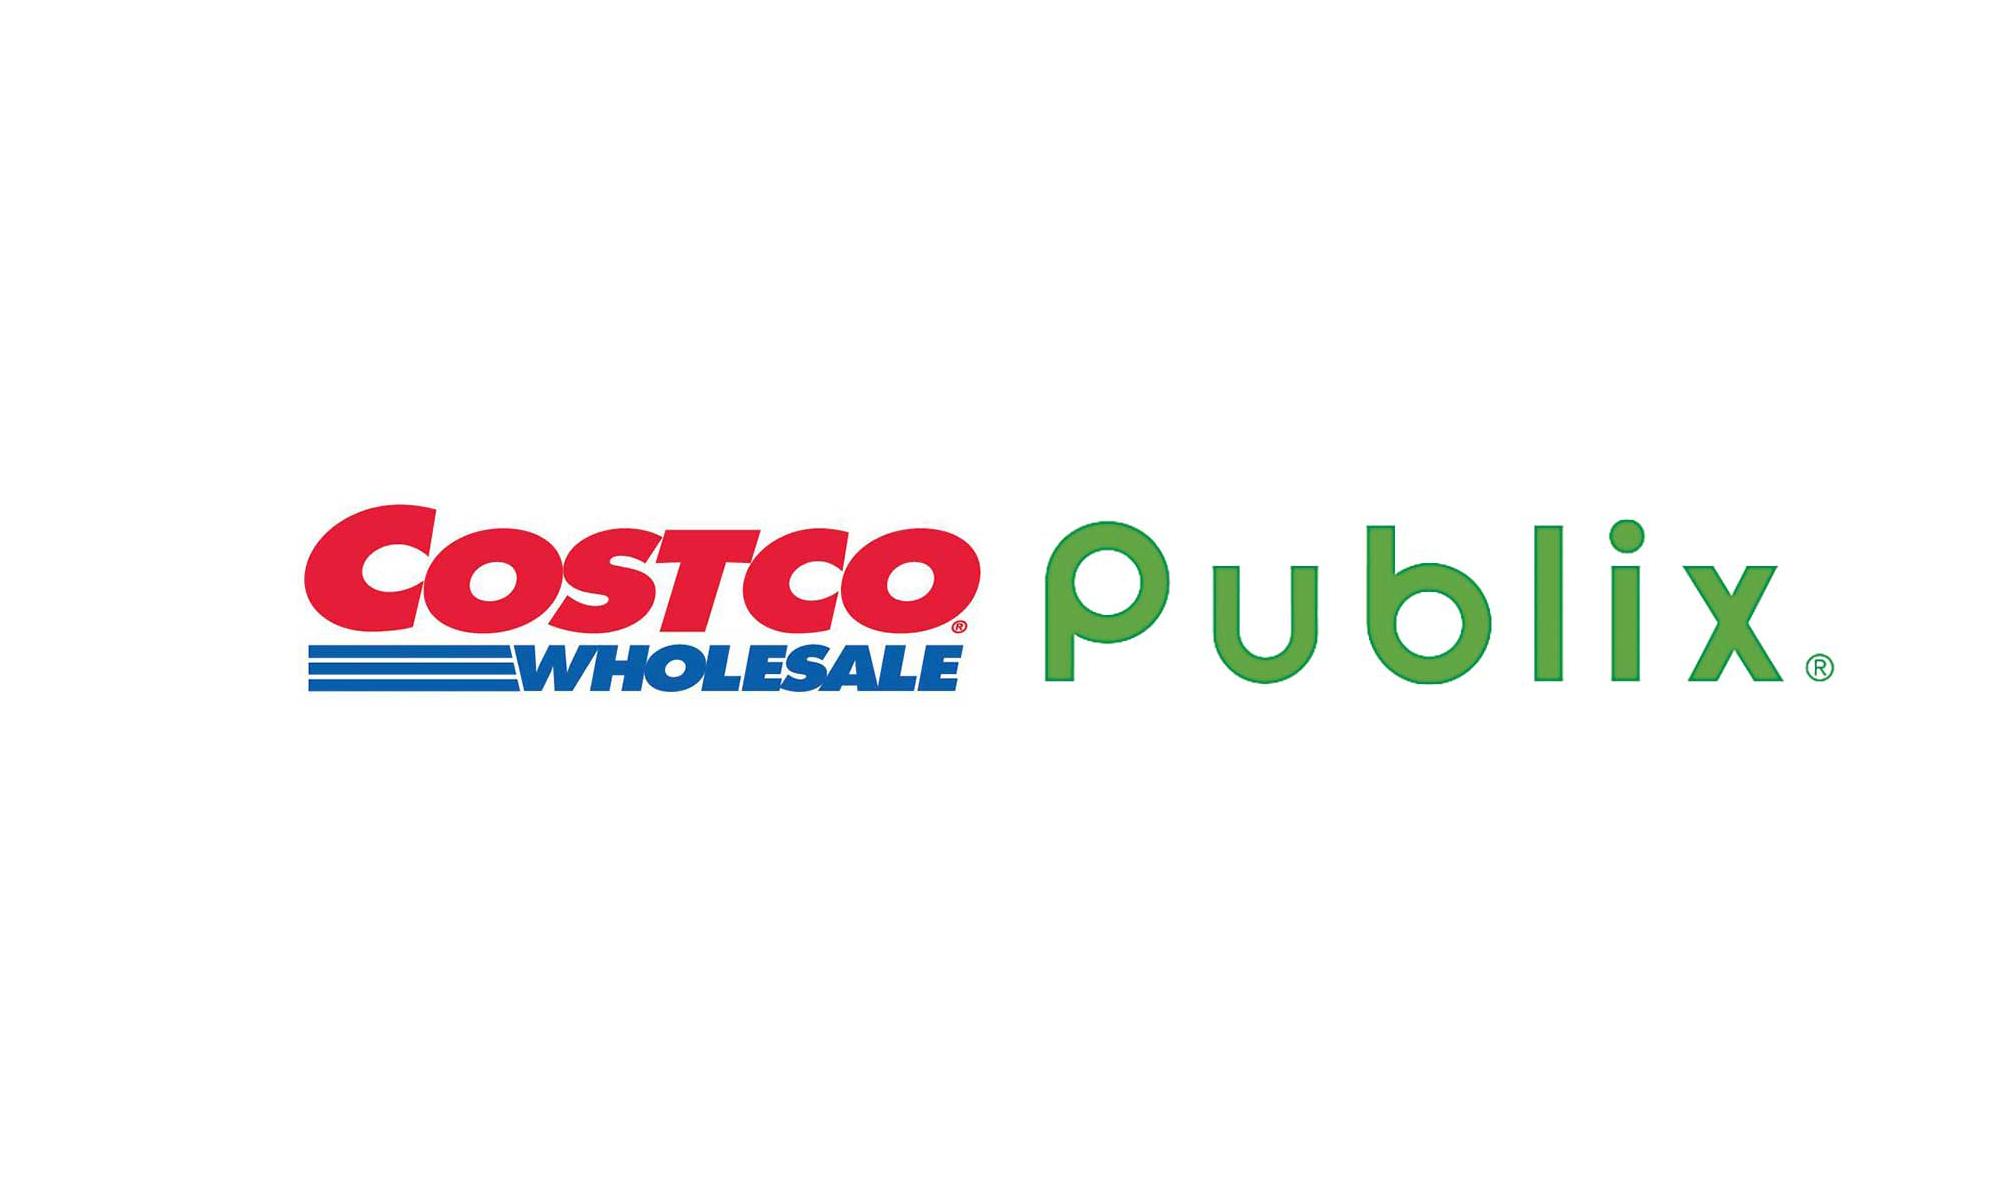 Costco and Publix logos